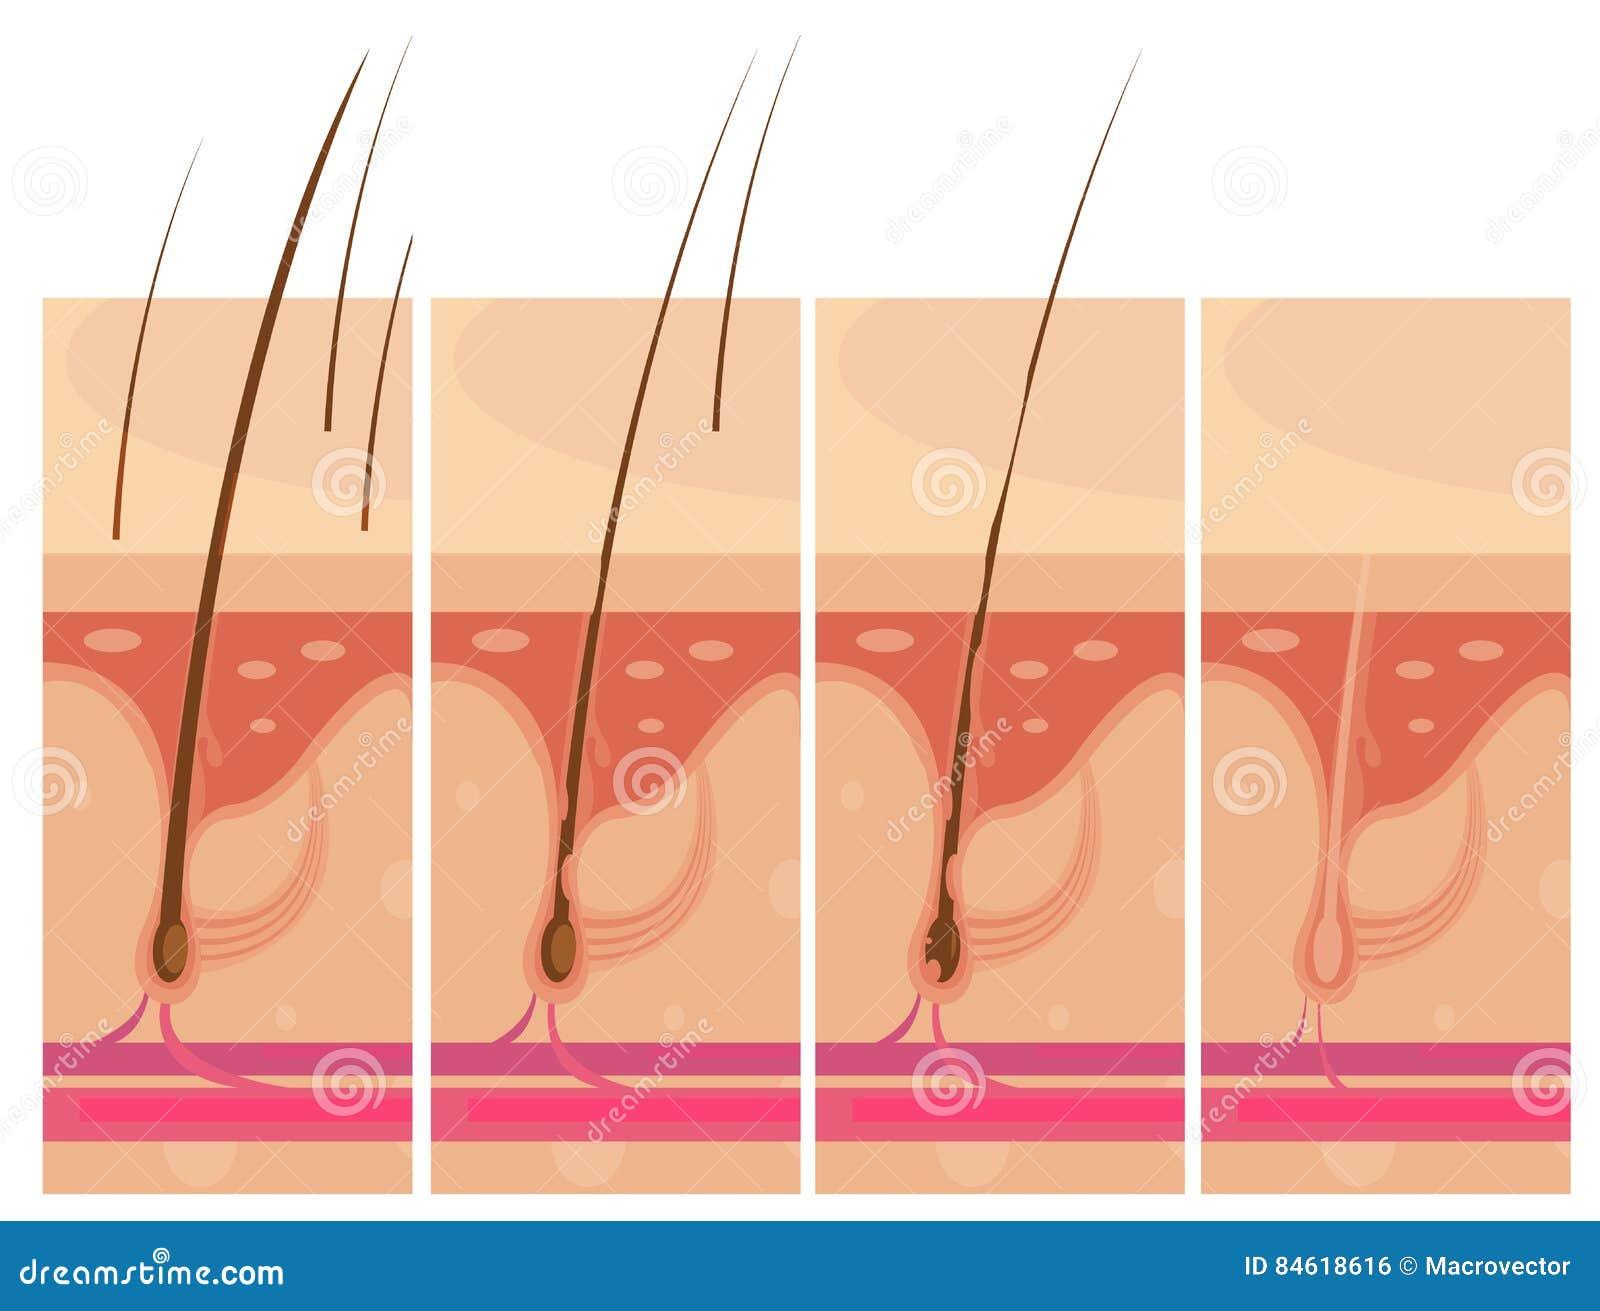 Concetto della pelle di perdita di capelli